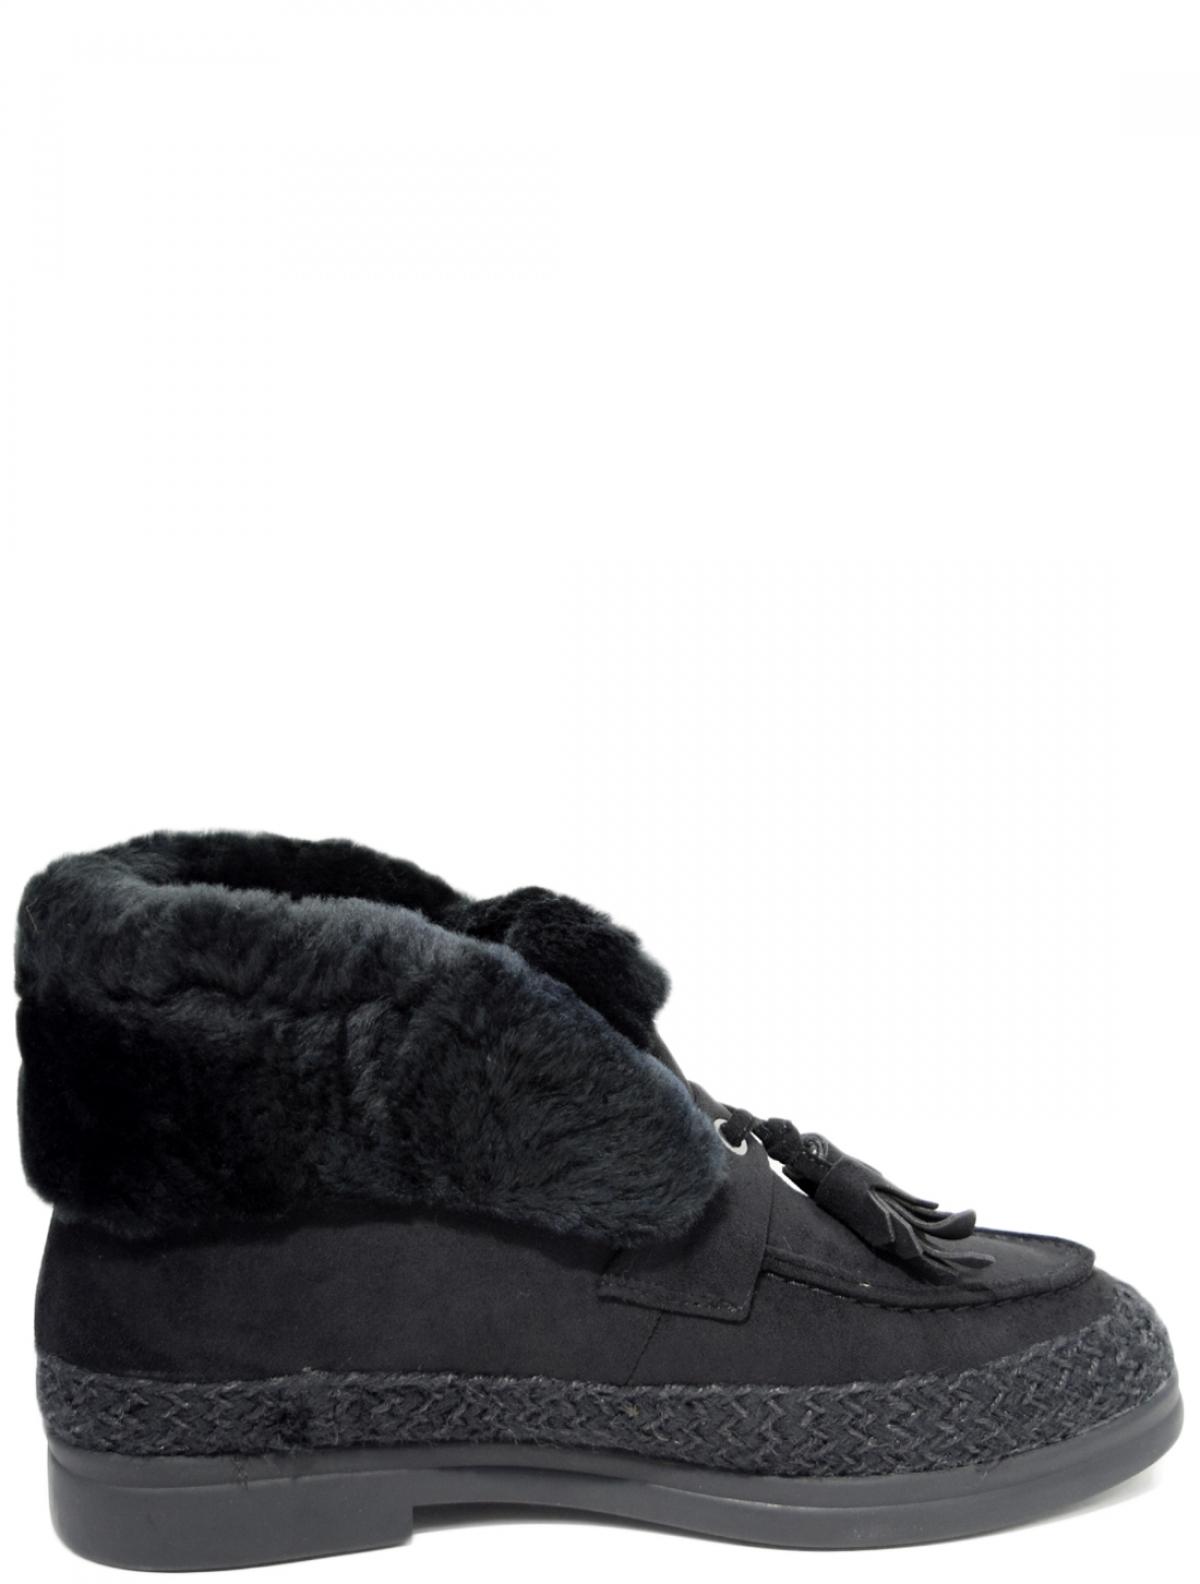 Admlis 6289A женские ботинки